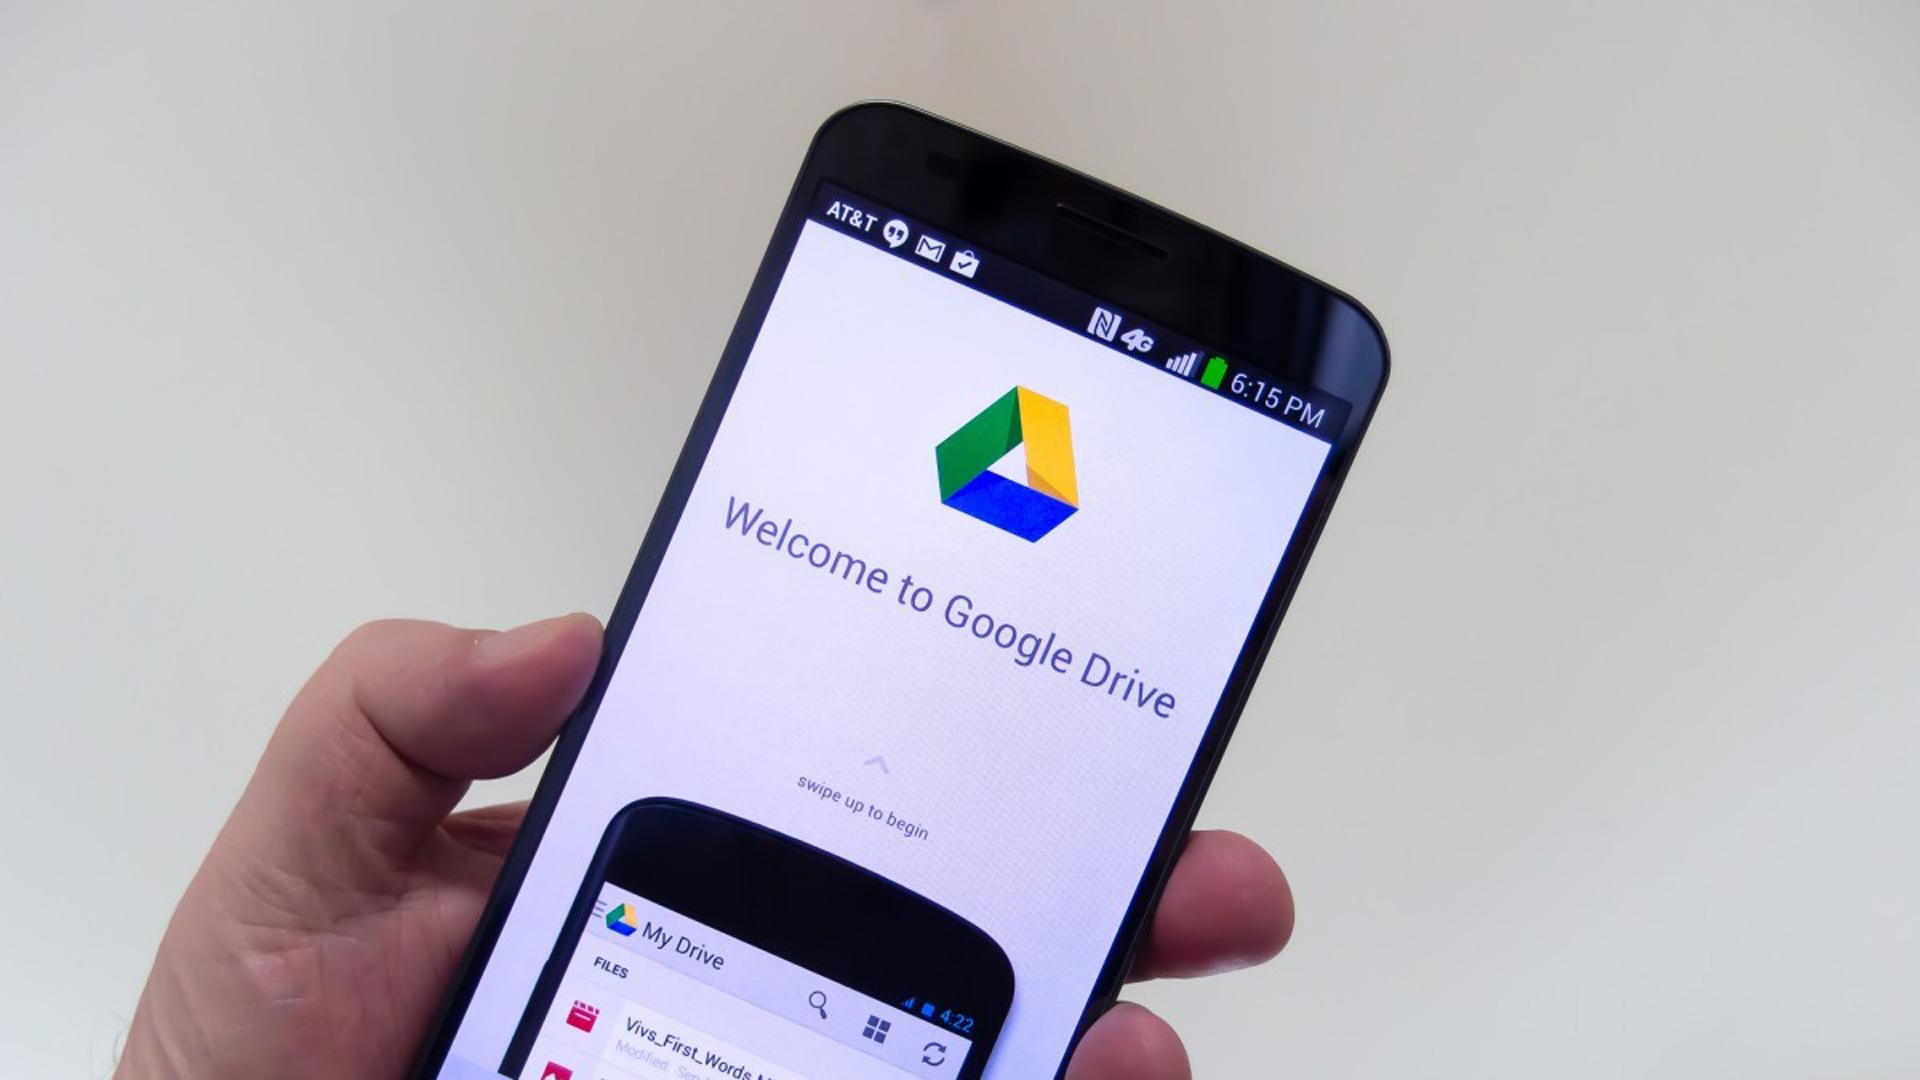 Google Drive eliminará automáticamente los archivos en la papelera después de 30 días